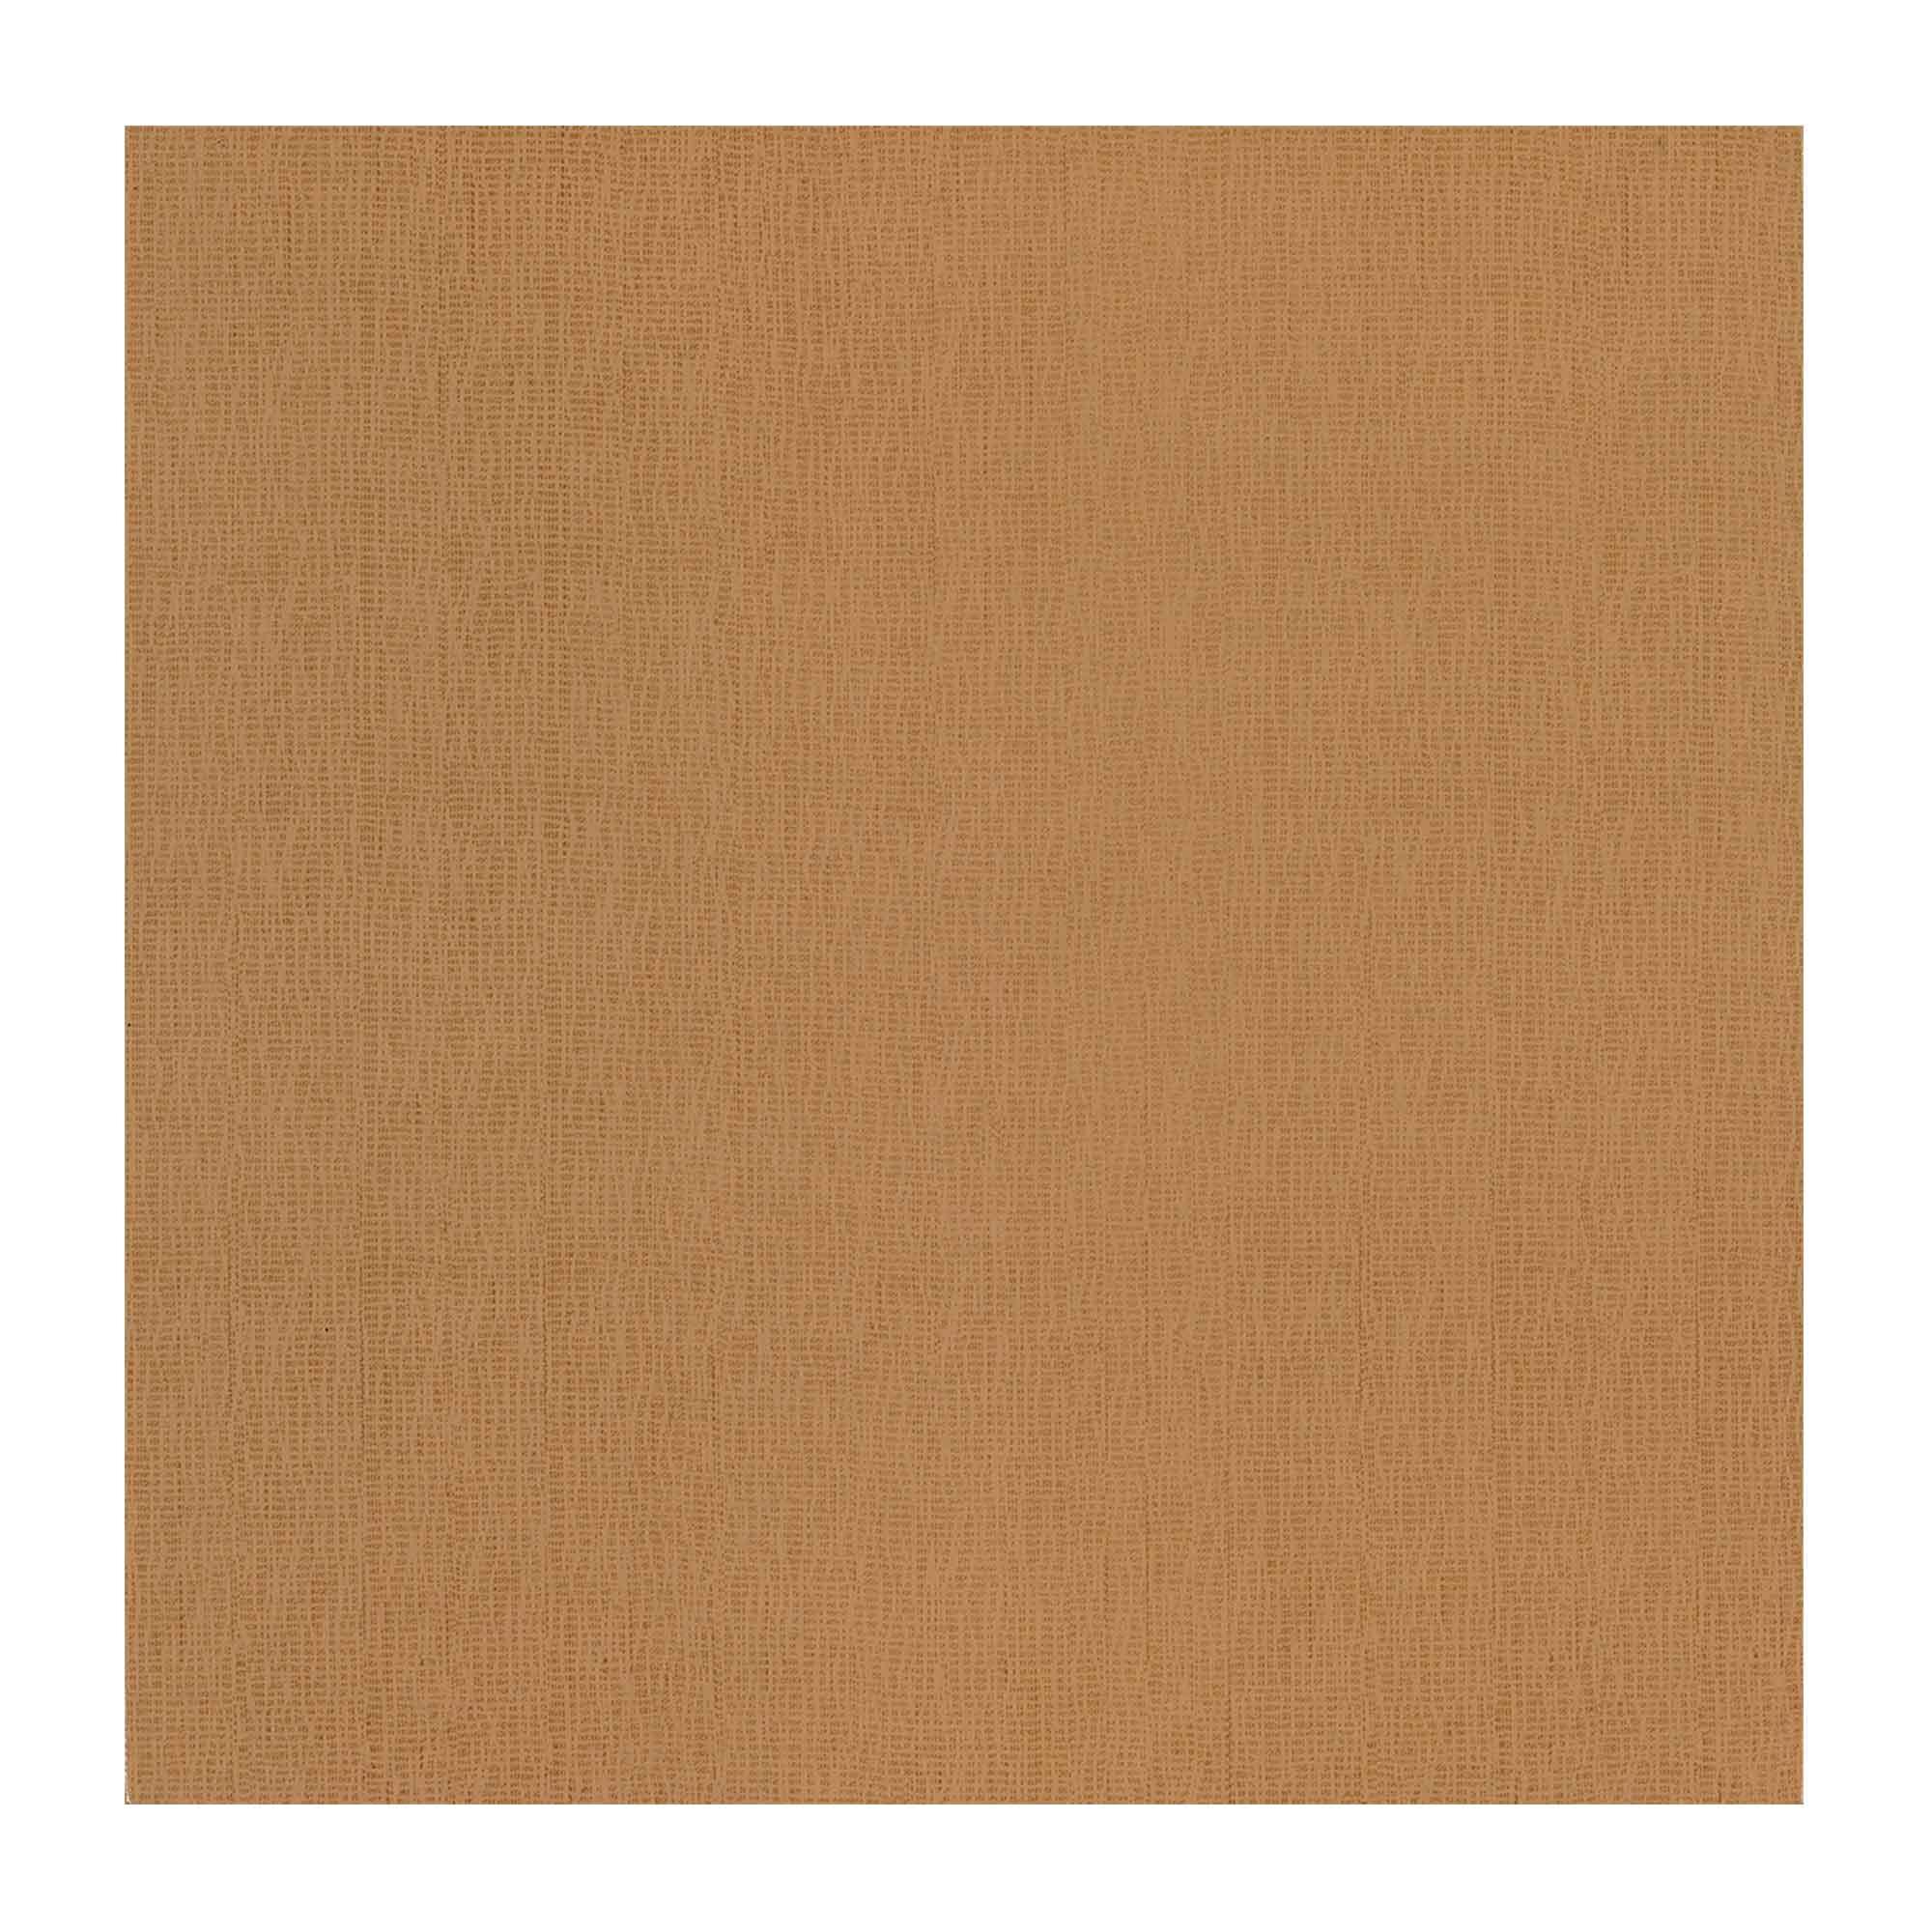 Gresie portelanata Cesarom Fabric PEI 3, caramel mat, patrata, design textil, 33 x 33 cm